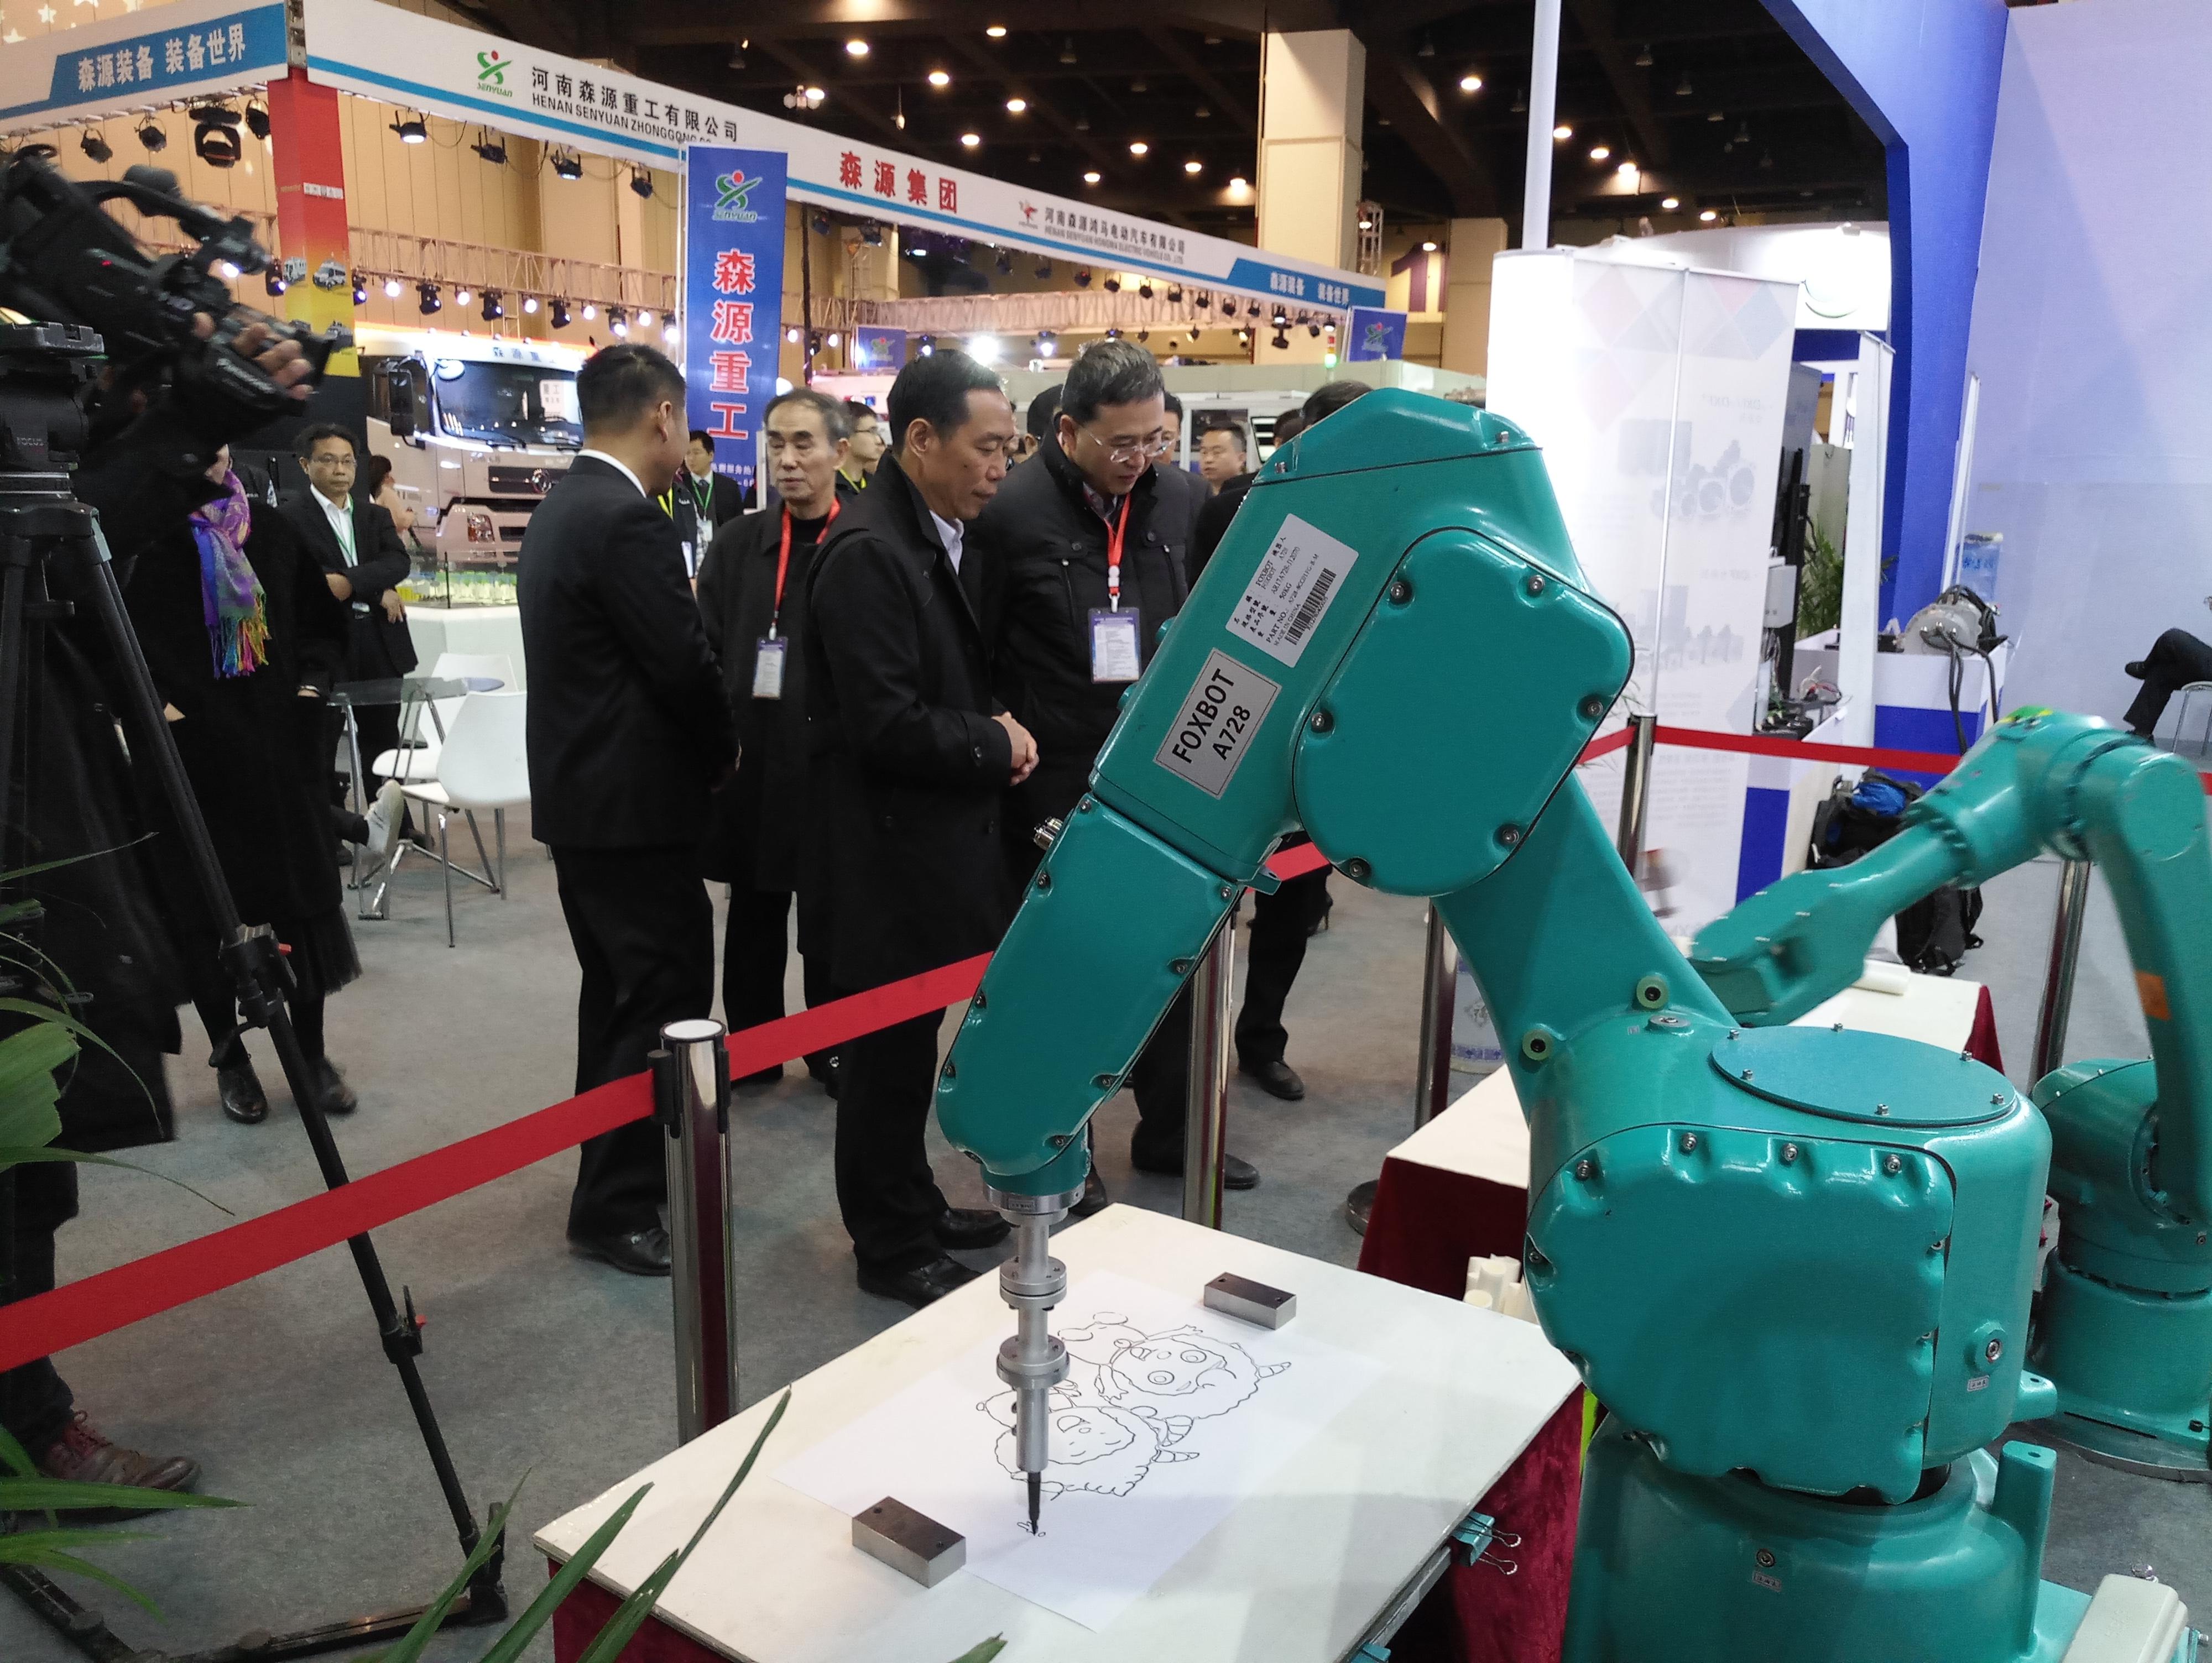 上海国际气象技术展览会